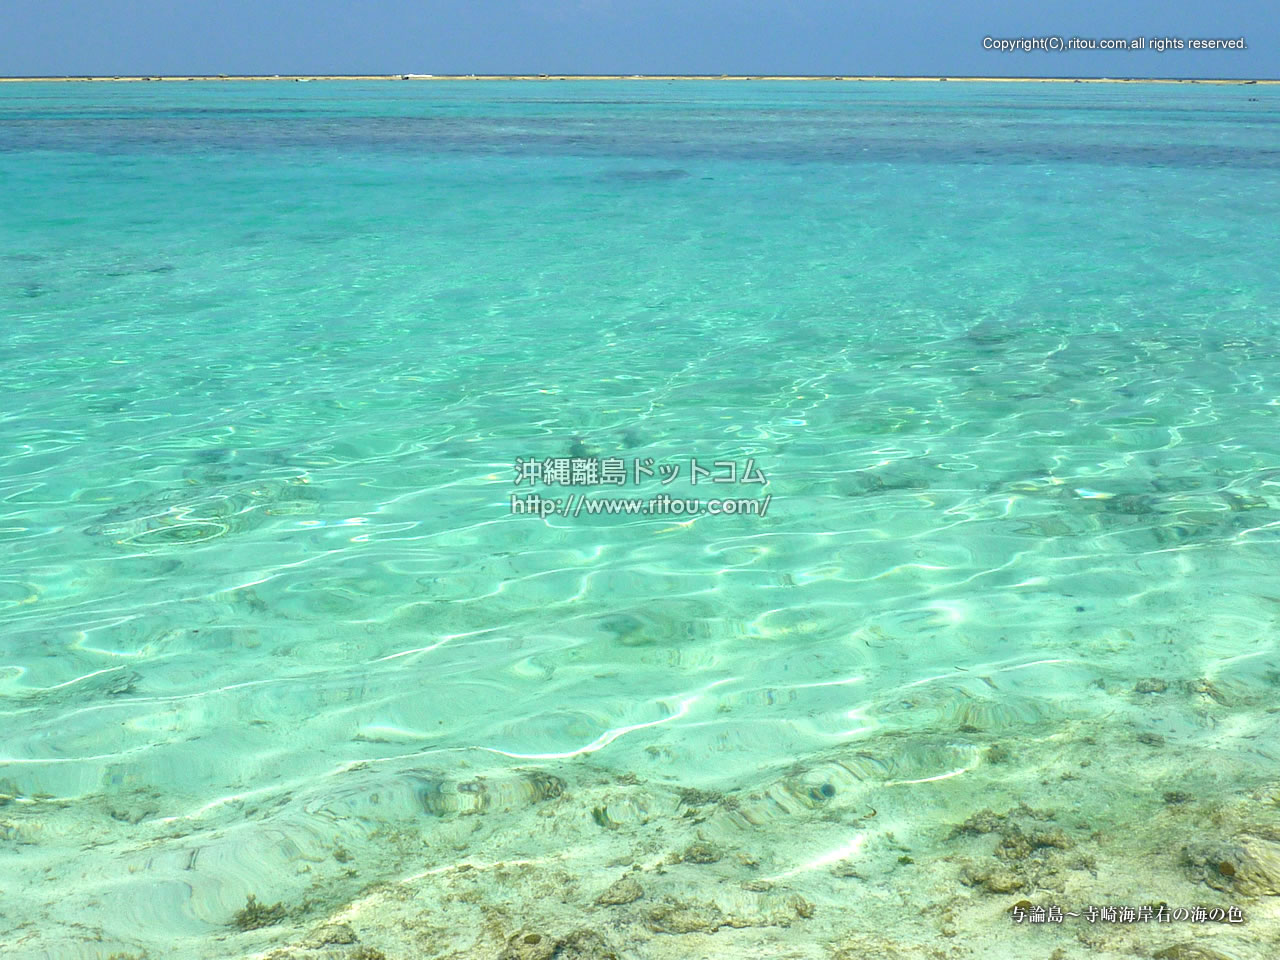 与論島〜寺崎海岸右の海の色